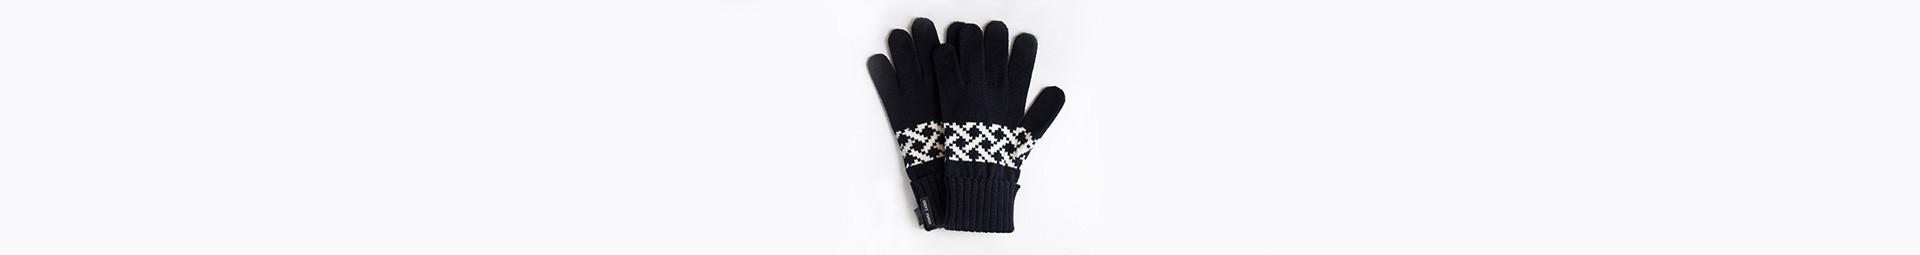 Echarpe et gants homme, qualité française - Pyrenex